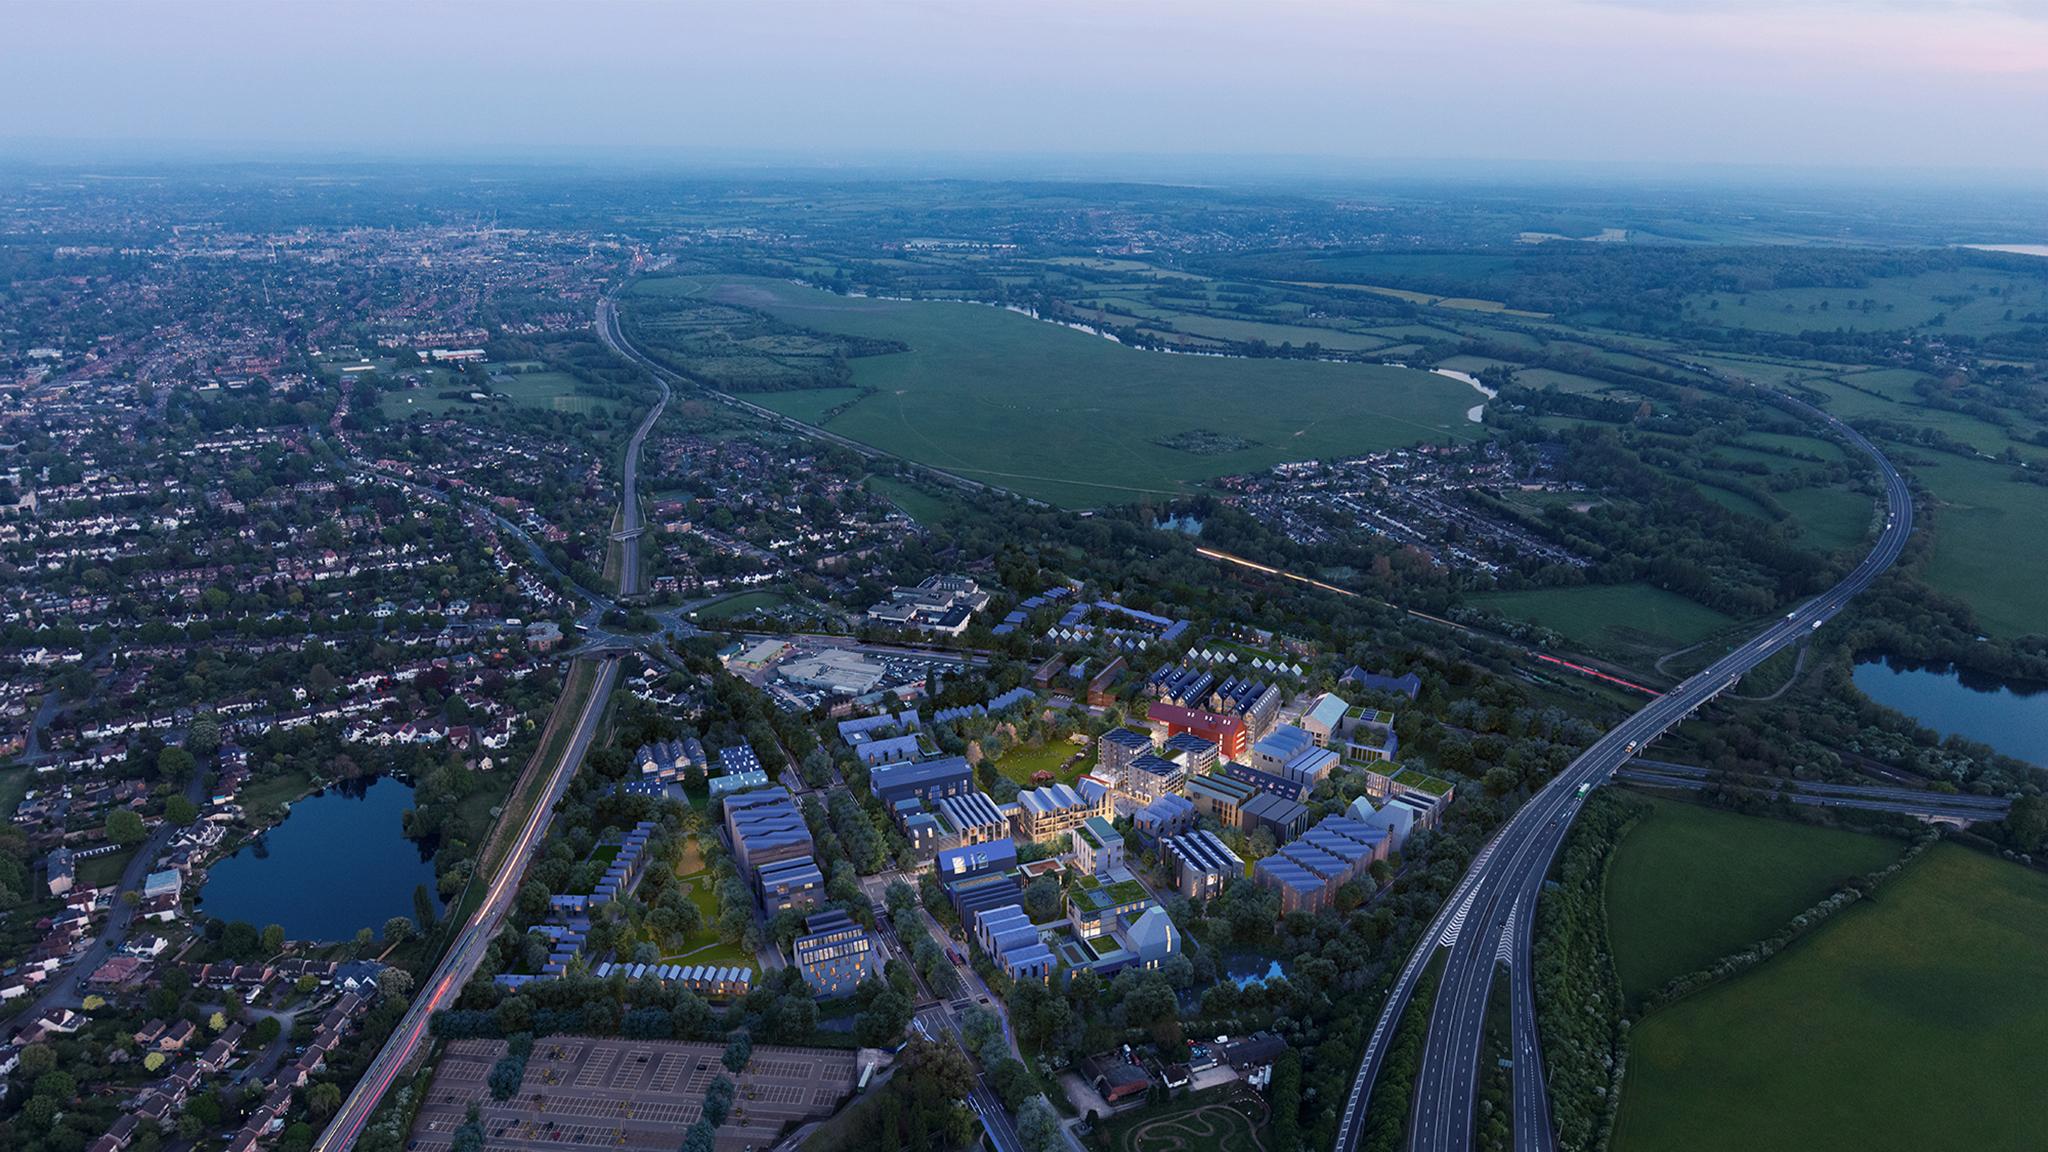 Oxford North